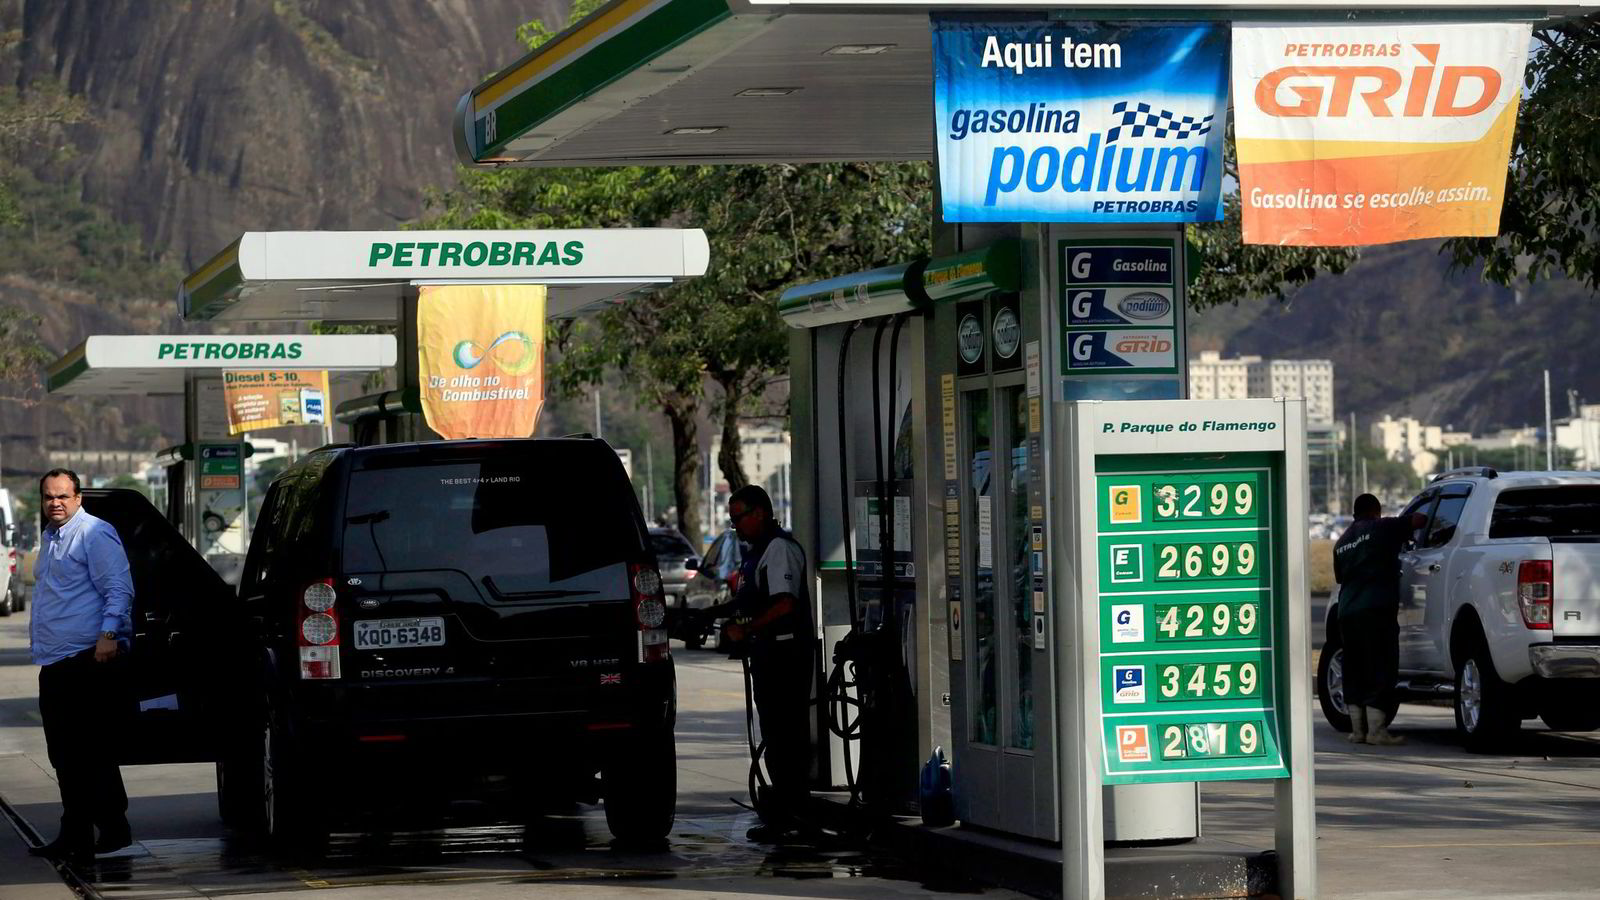 En endring i Petrobras adferd vil merkes godt her hjemme, skriver artikkelforfatteren.               Foto: Dado Galdieri,